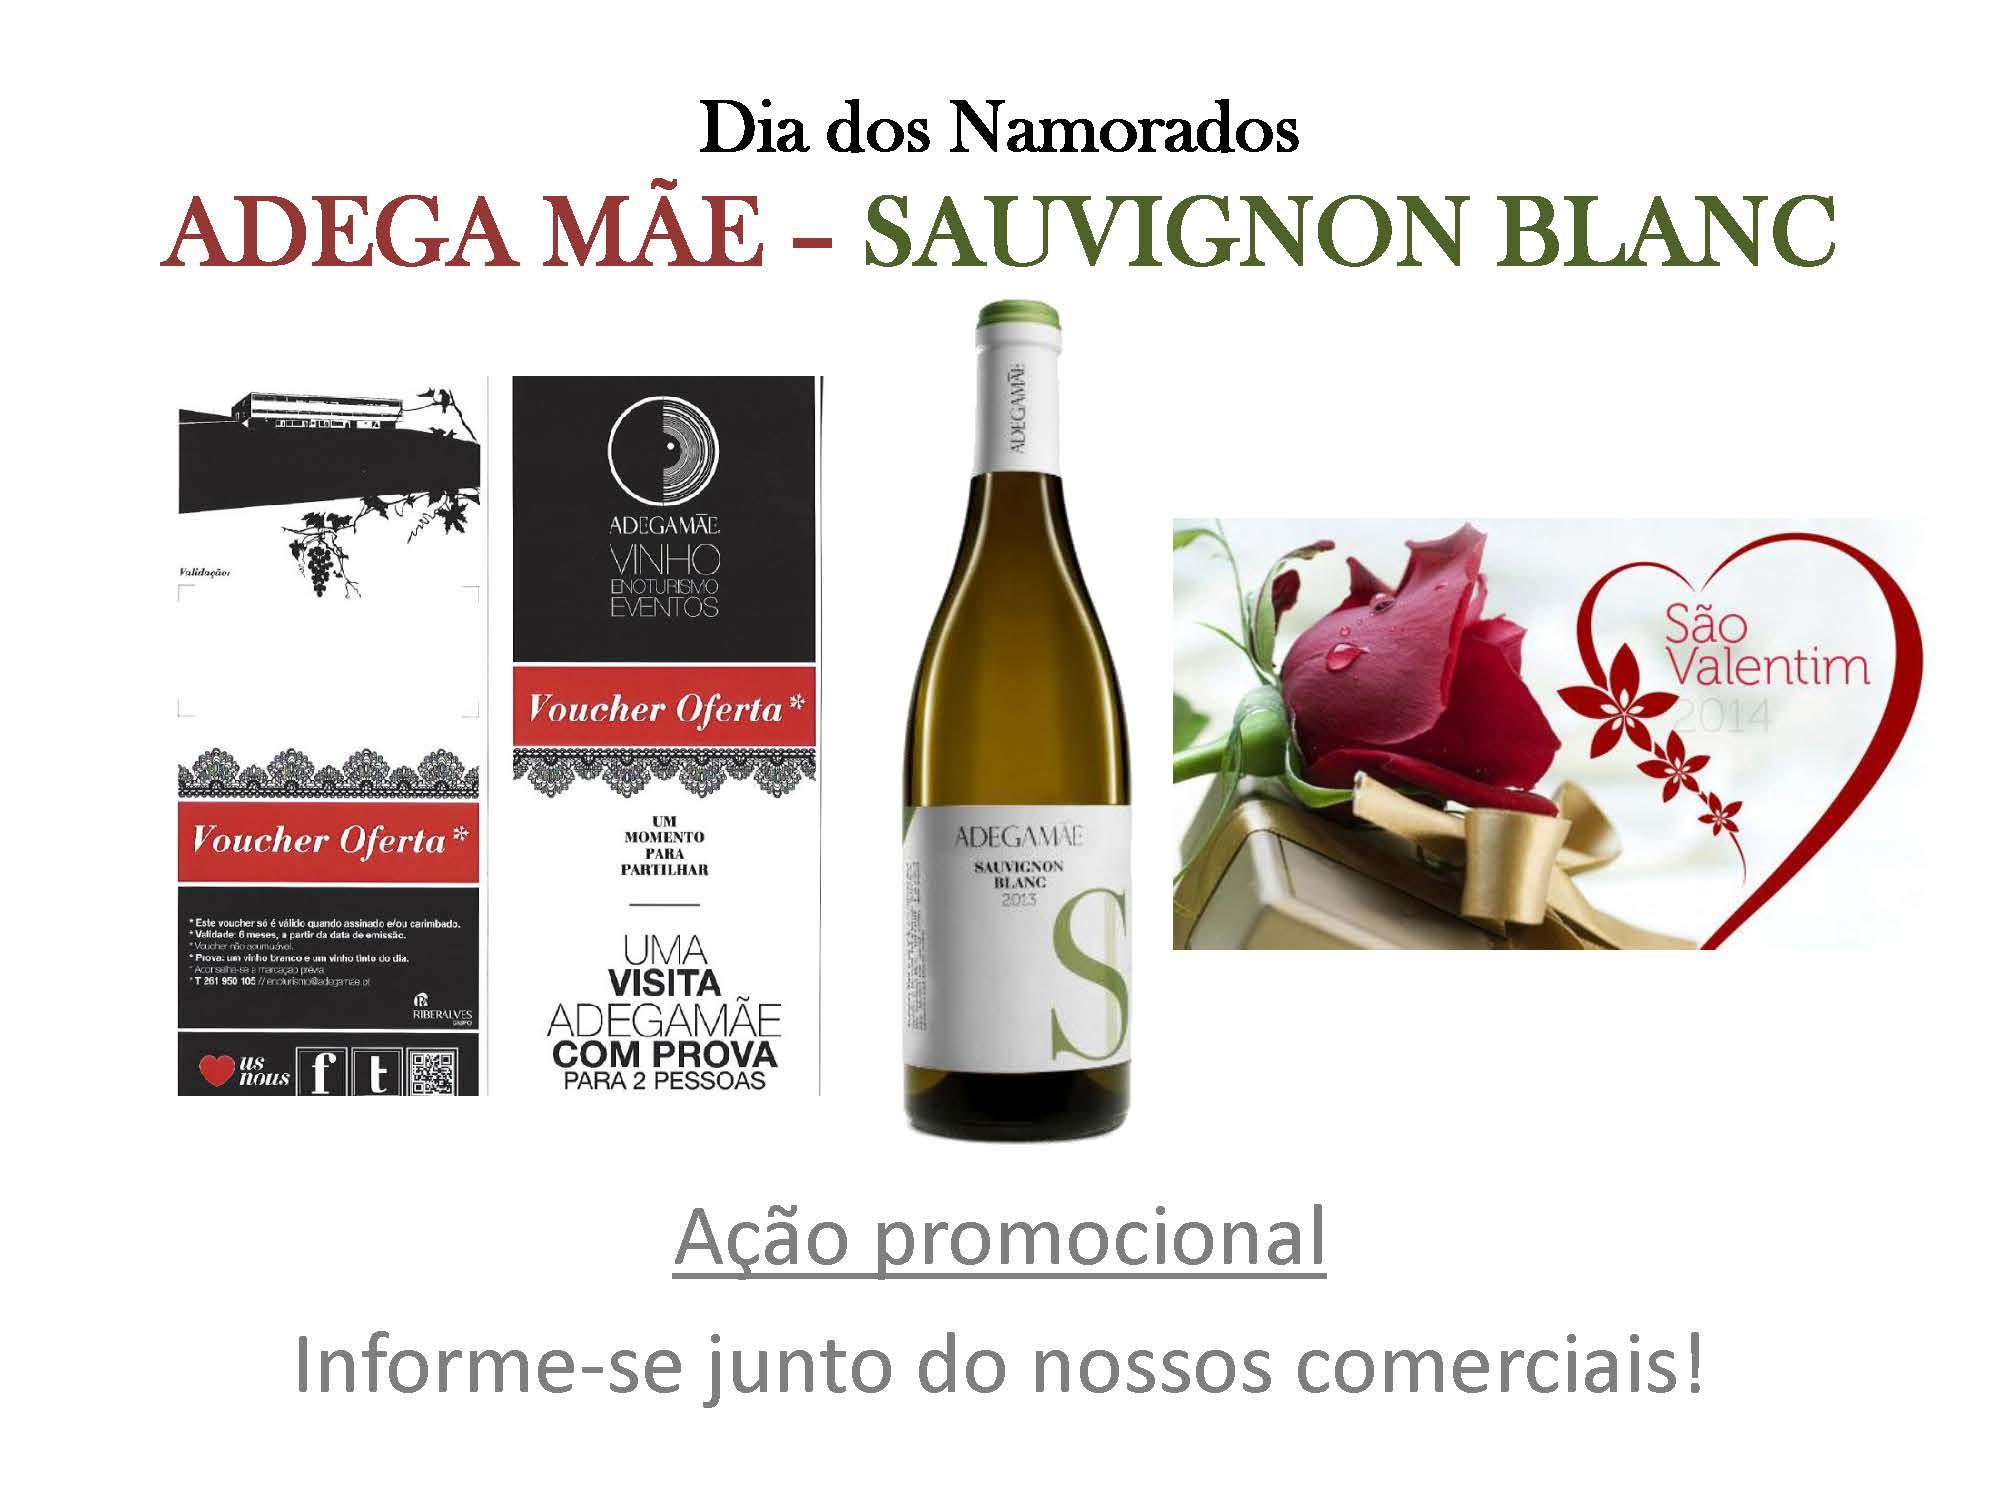 Dia dos Namorados 2016 - Adega Me Sauvignon Blanc